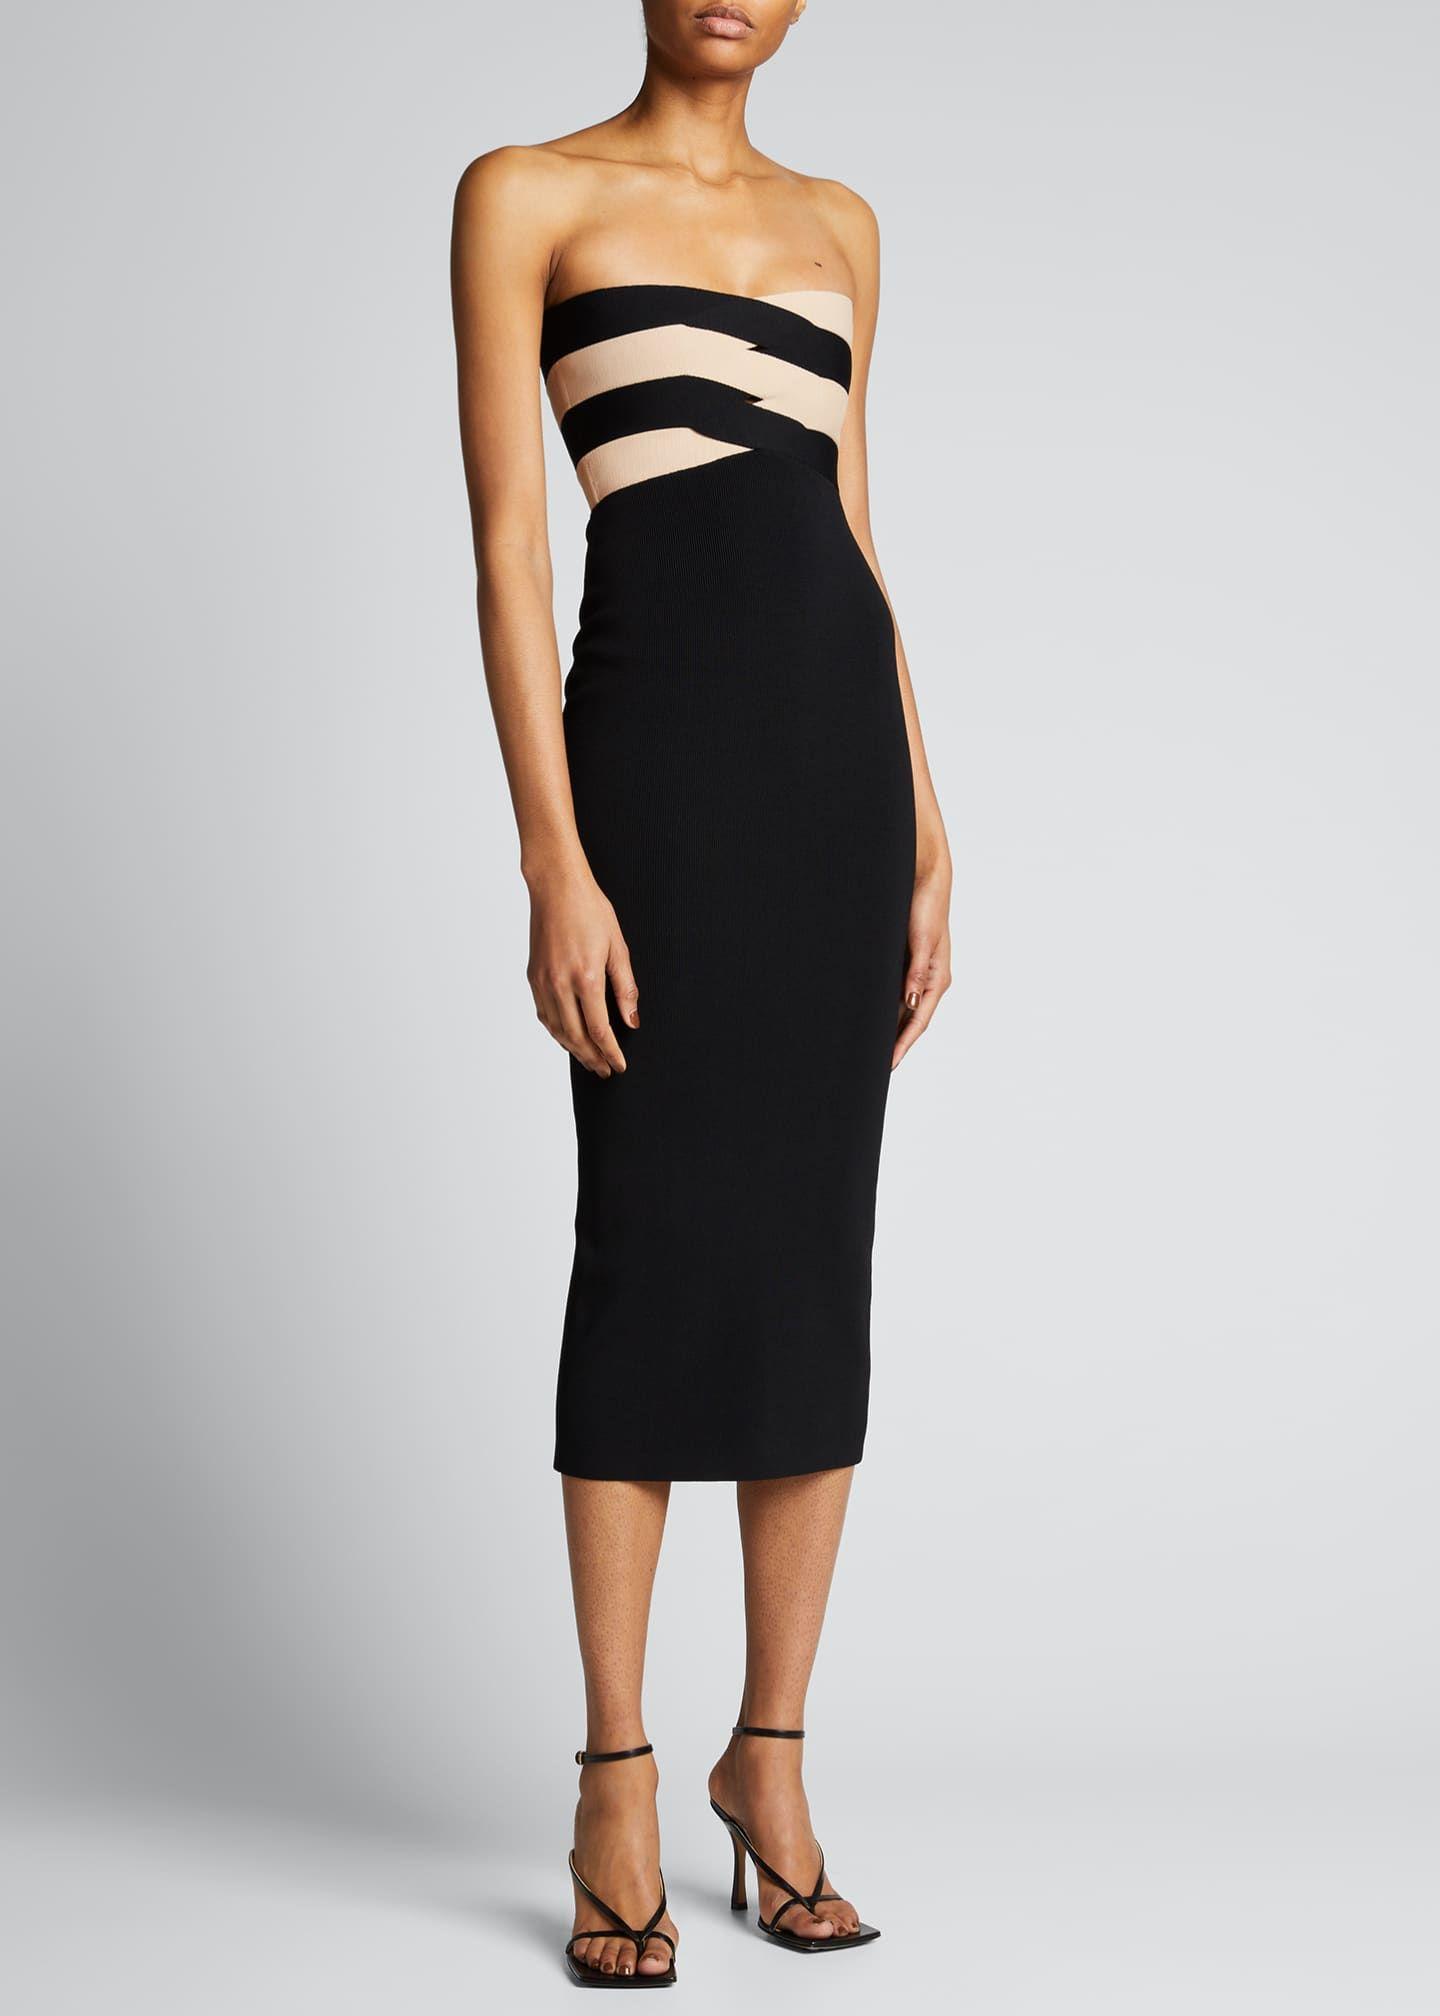 Dion Lee Interlock Bustier Knit Strapless Midi Dress In 2021 Strapless Midi Dress Strapless Dress Formal Midi Dress [ 2016 x 1440 Pixel ]